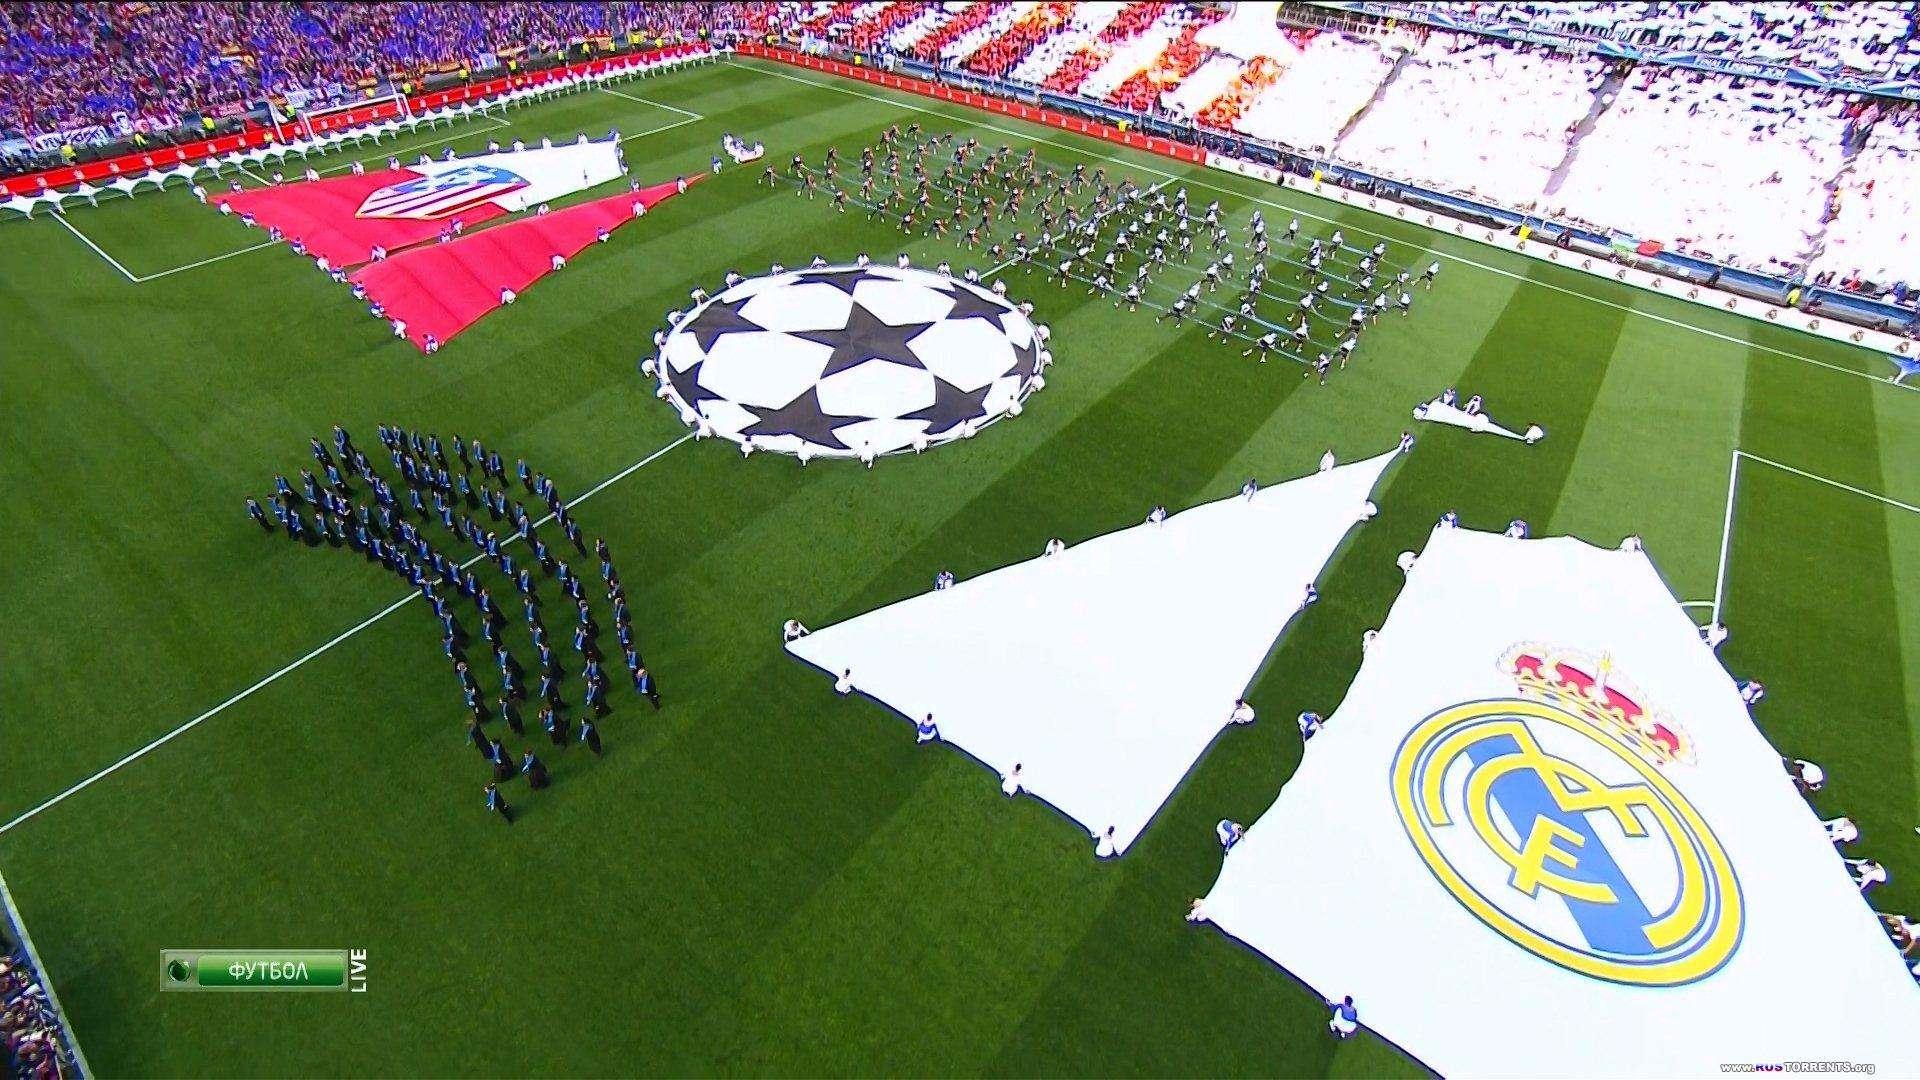 Футбол. Лига Чемпионов 2013-2014. Финал. Реал Мадрид (Испания) - Атлетико М (Испания) [+ превью и награждение] [24.05] | HDTV 1080i